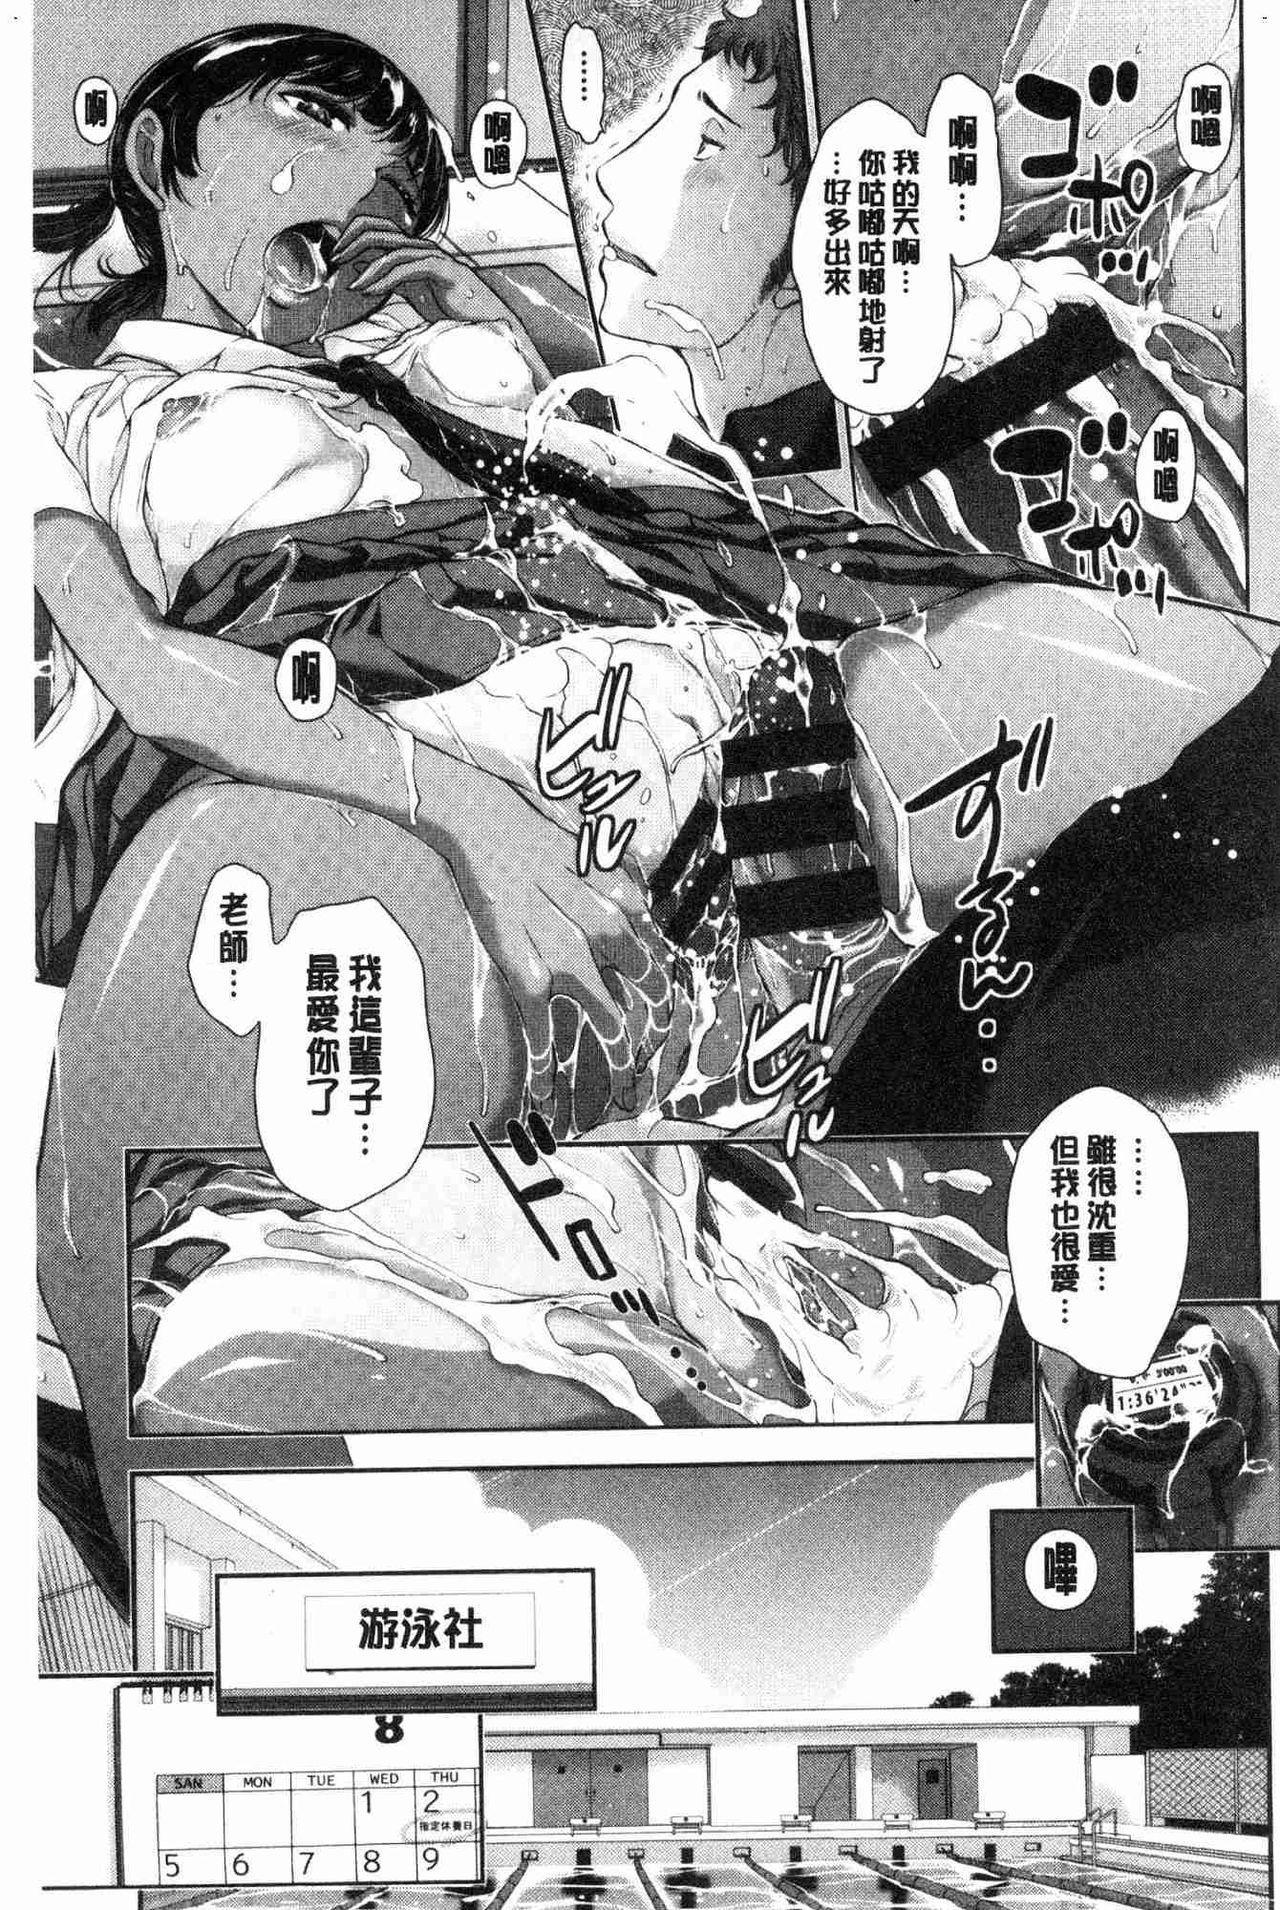 [Harazaki Takuma] Seifuku Shijou Shugi -Natsu- - Uniforms supremacy [Chinese] 129